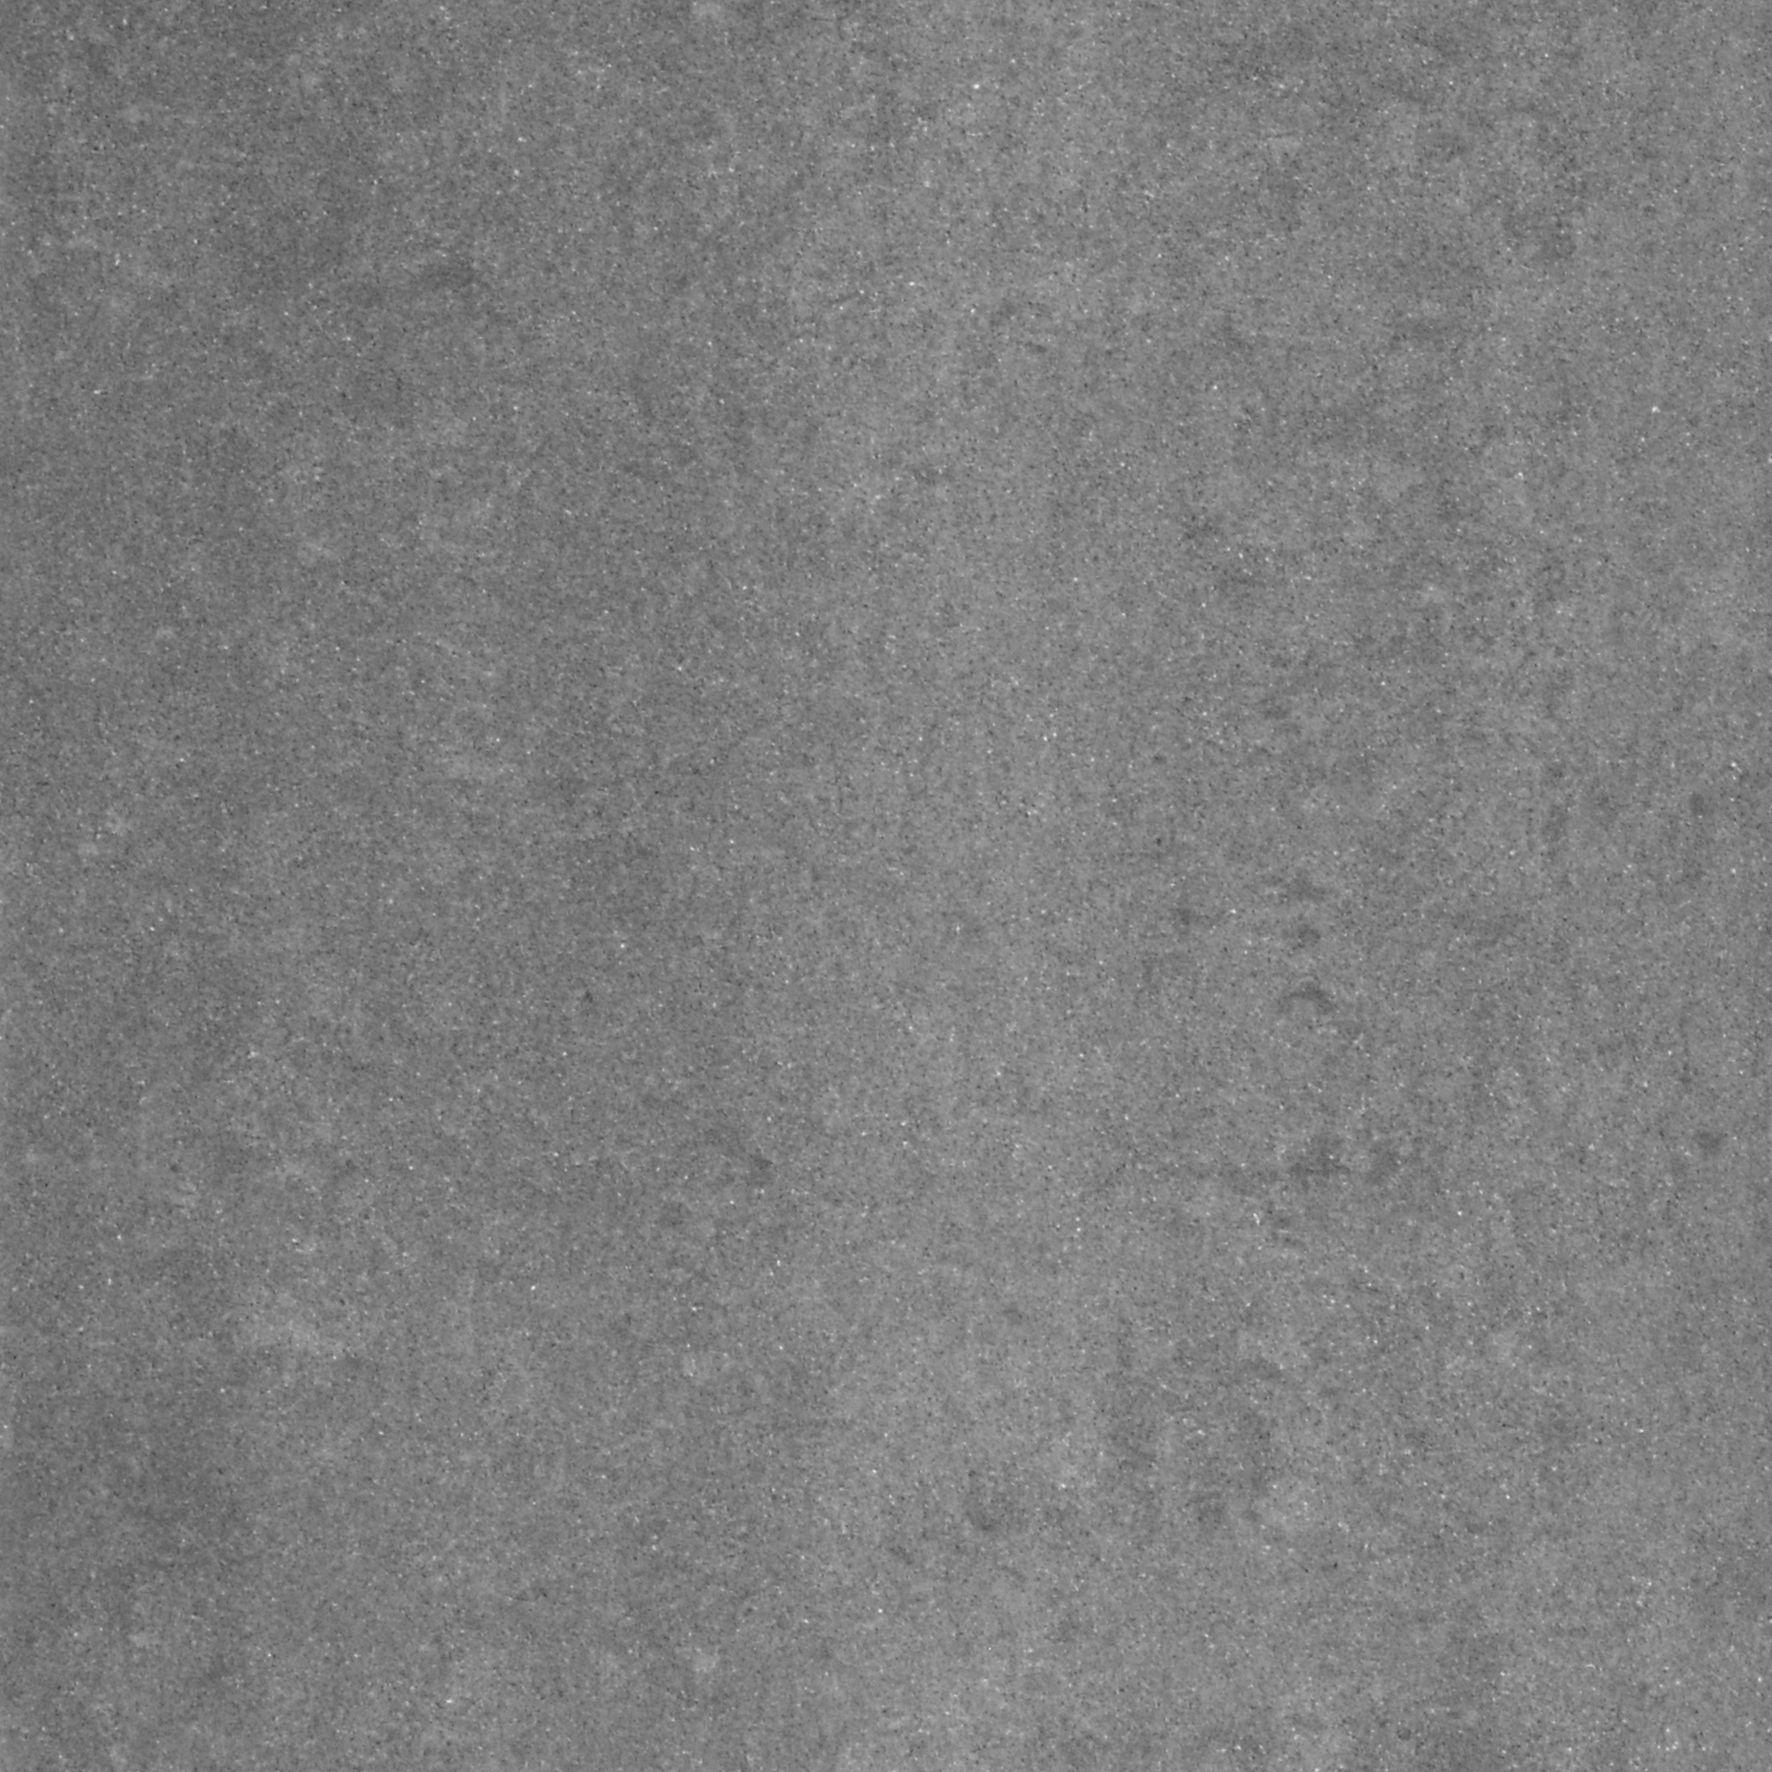 Imperiali Anthracite Porcelain Floor Tile Pack Of 3 L